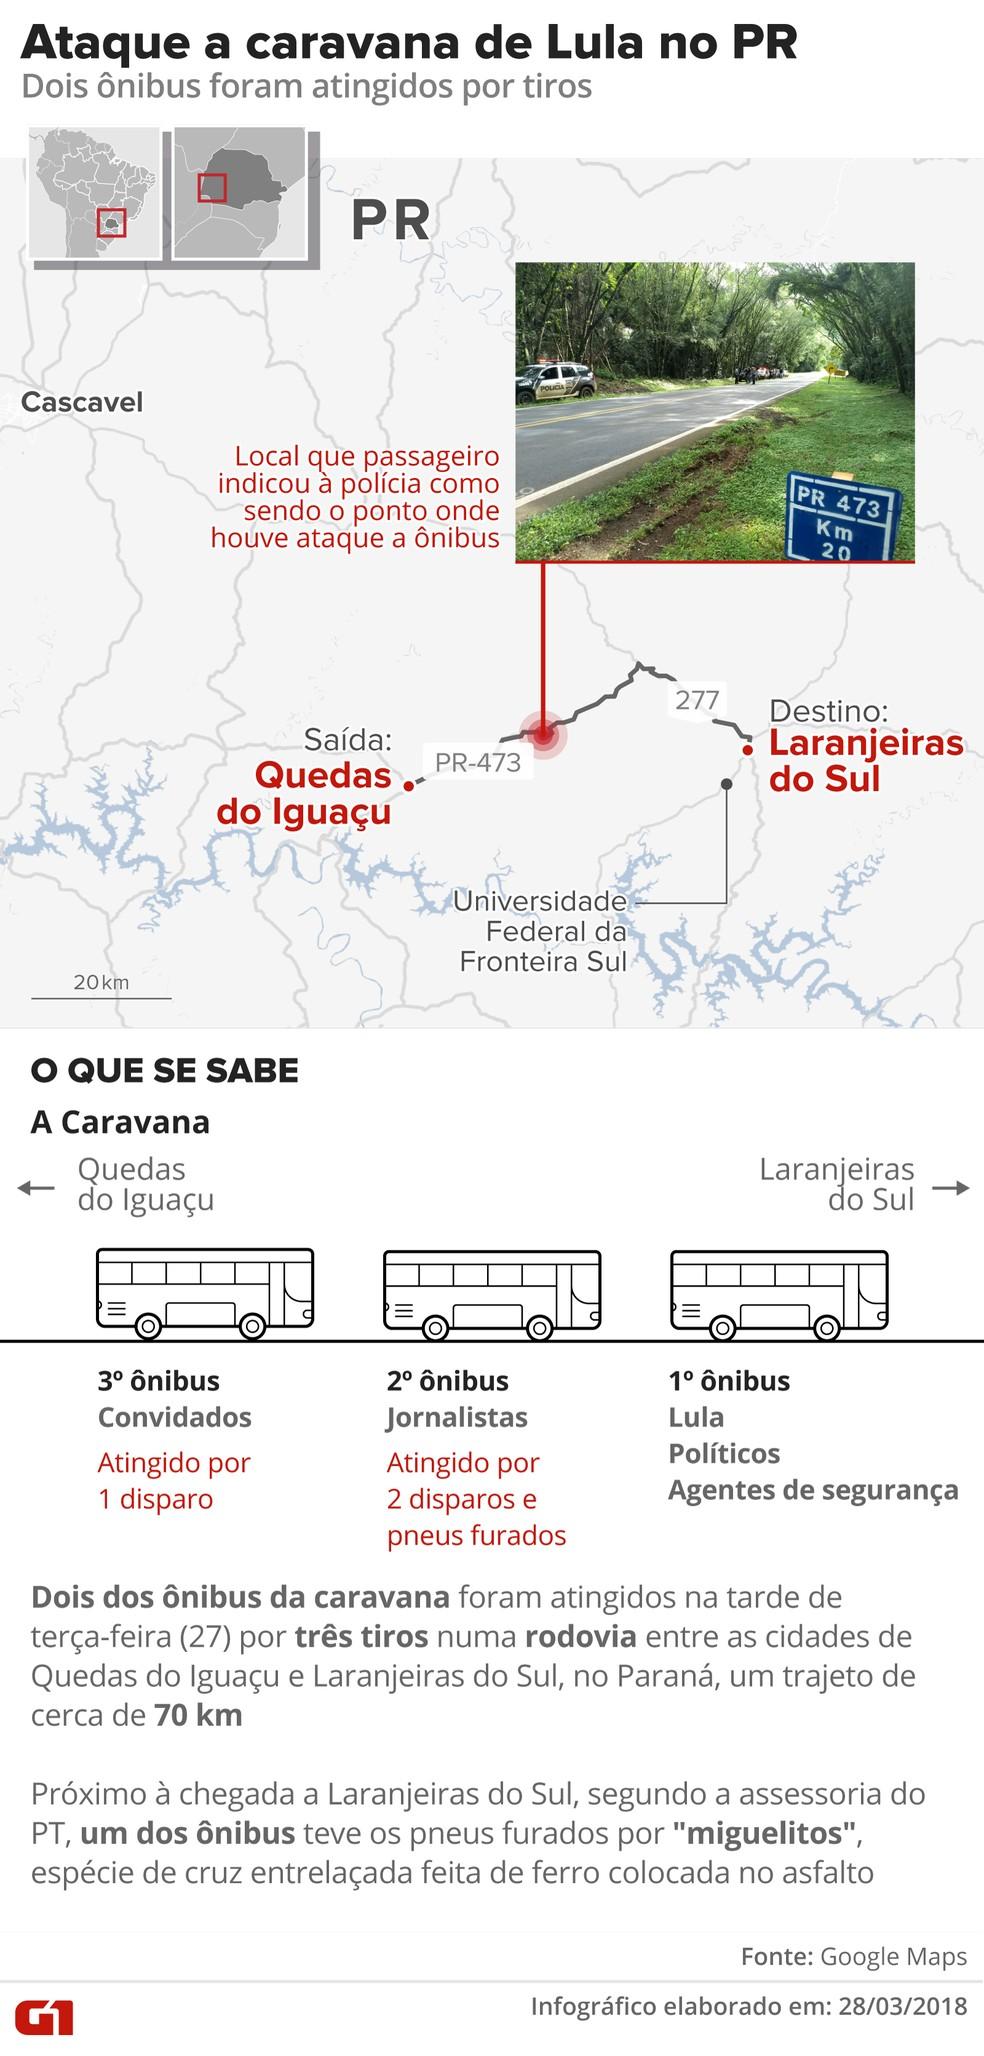 Ataque a caravana do ex-presidente Lula no Paraná (Foto: Alexandre Mauro/G1)